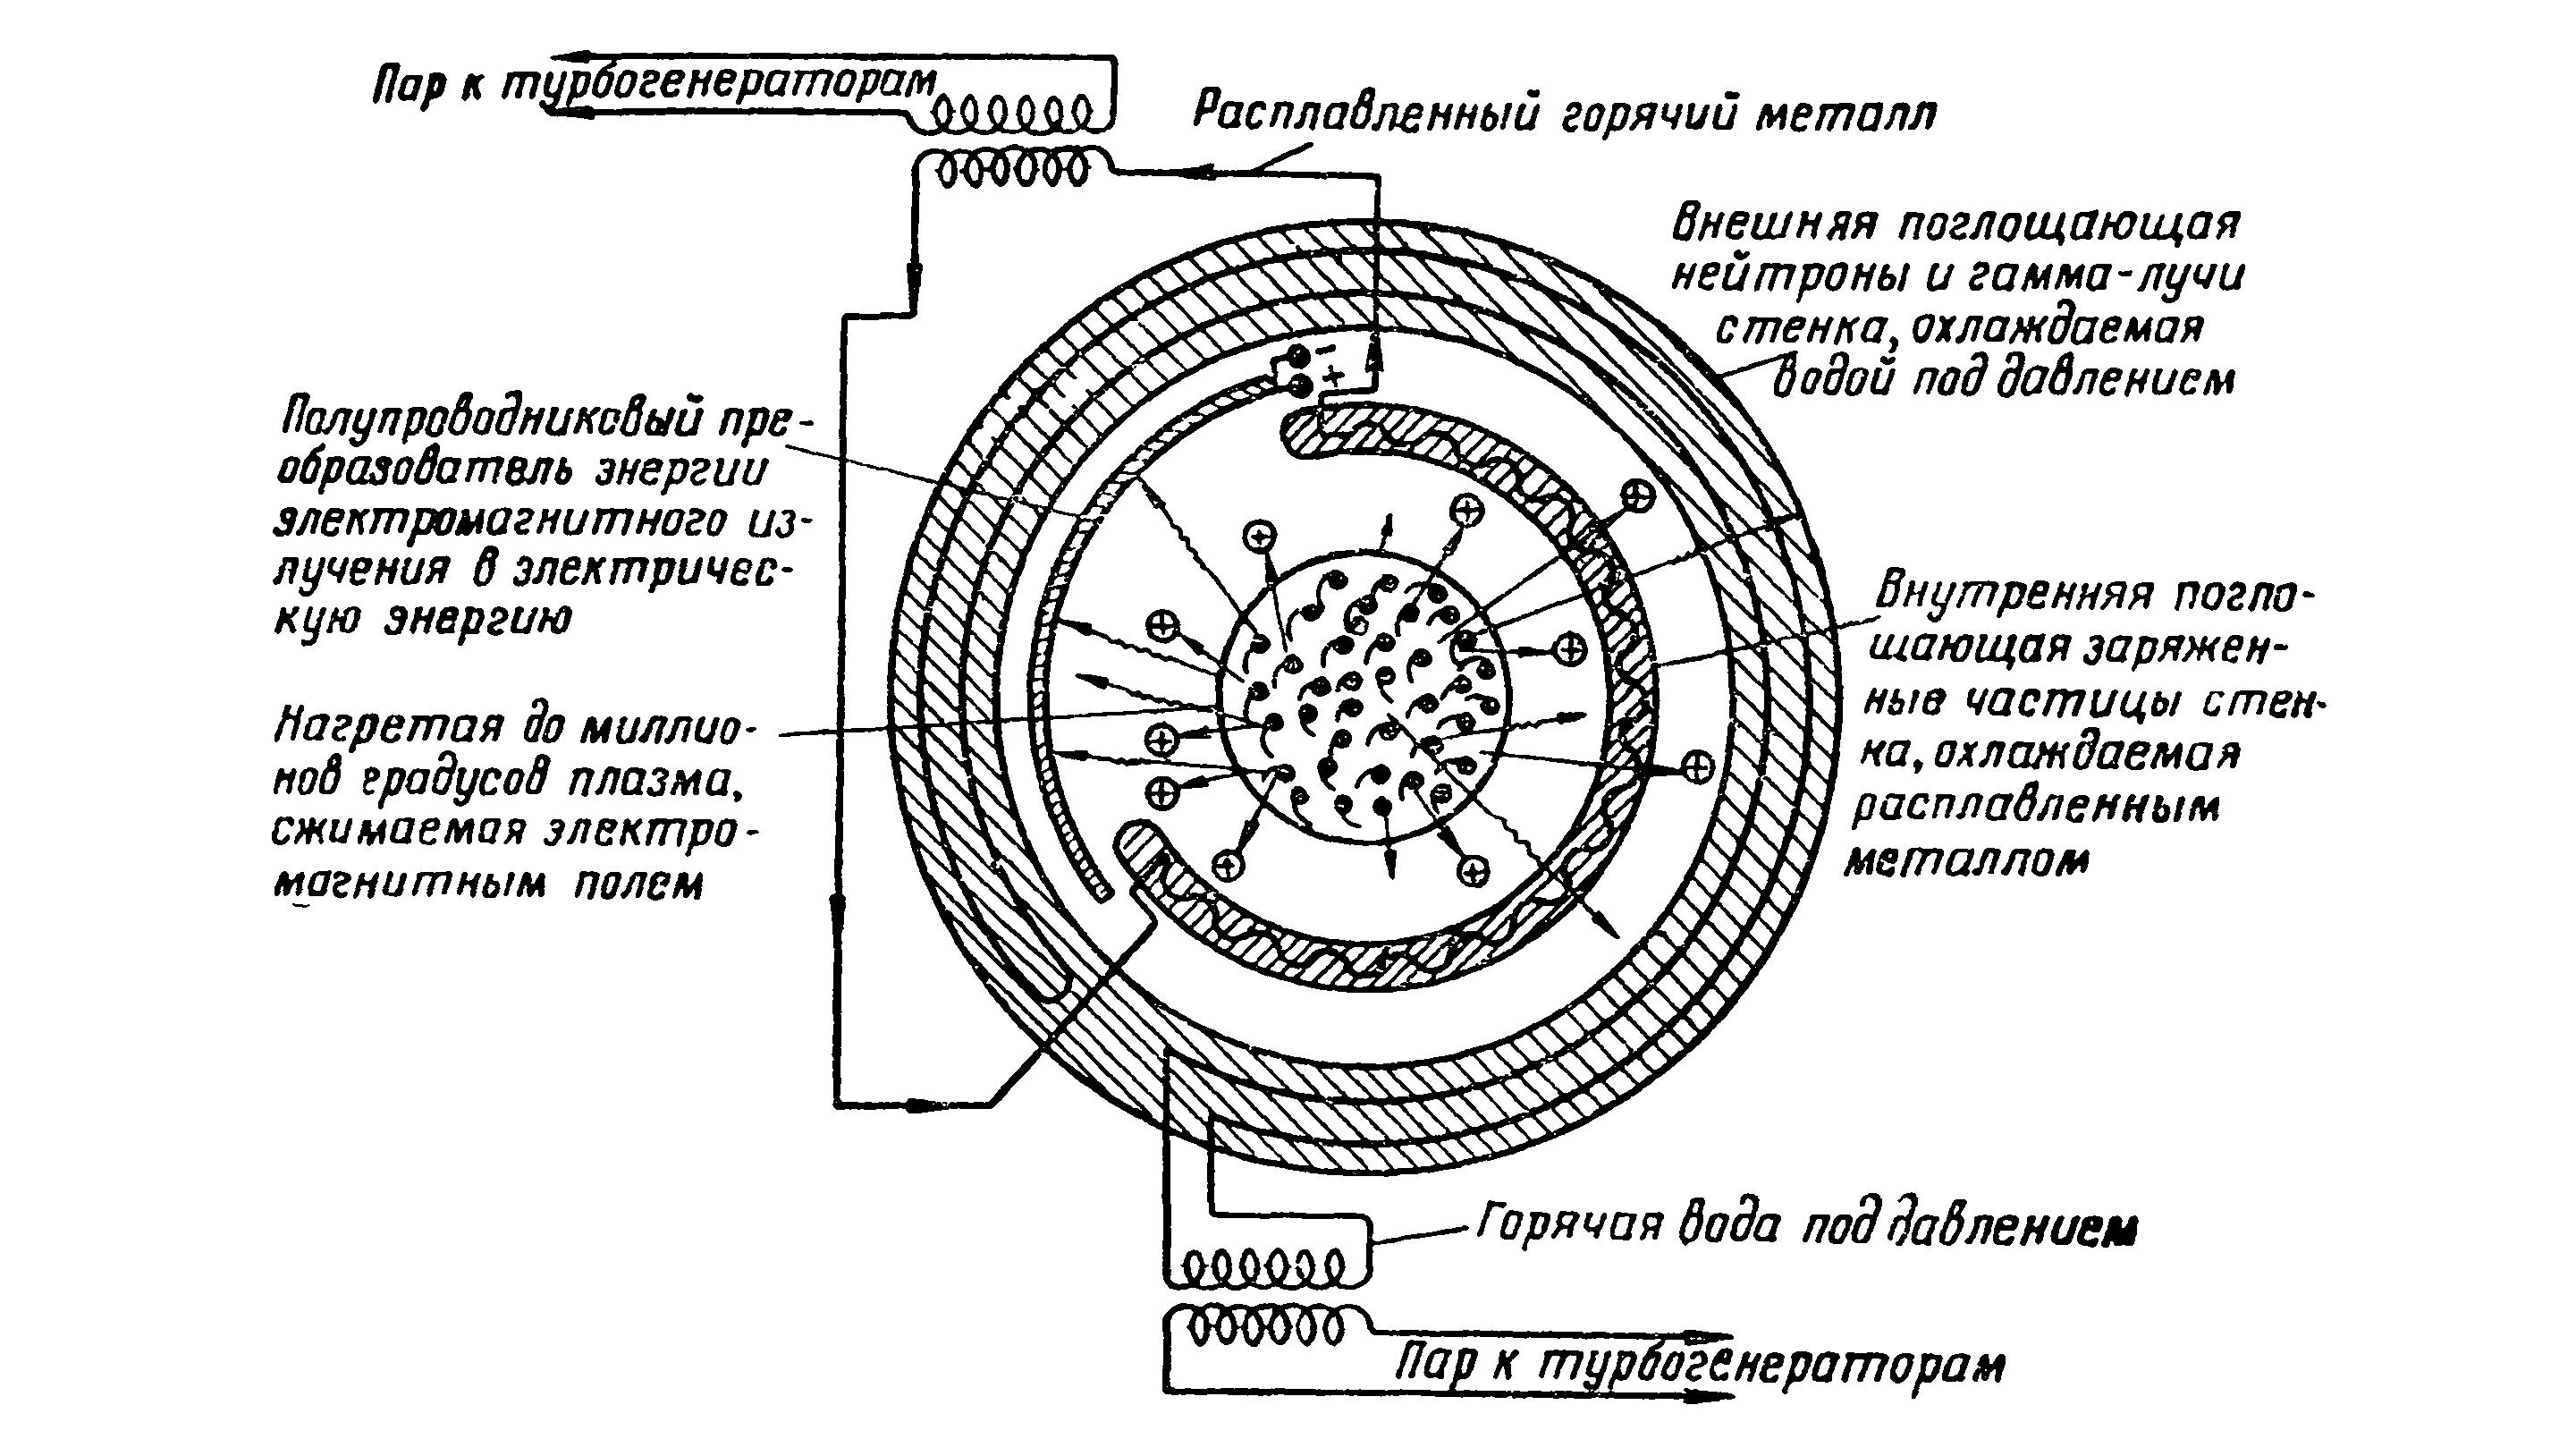 Рис. 6. Принципиальная схема перспективного термоядерного реактора. 1956 г.